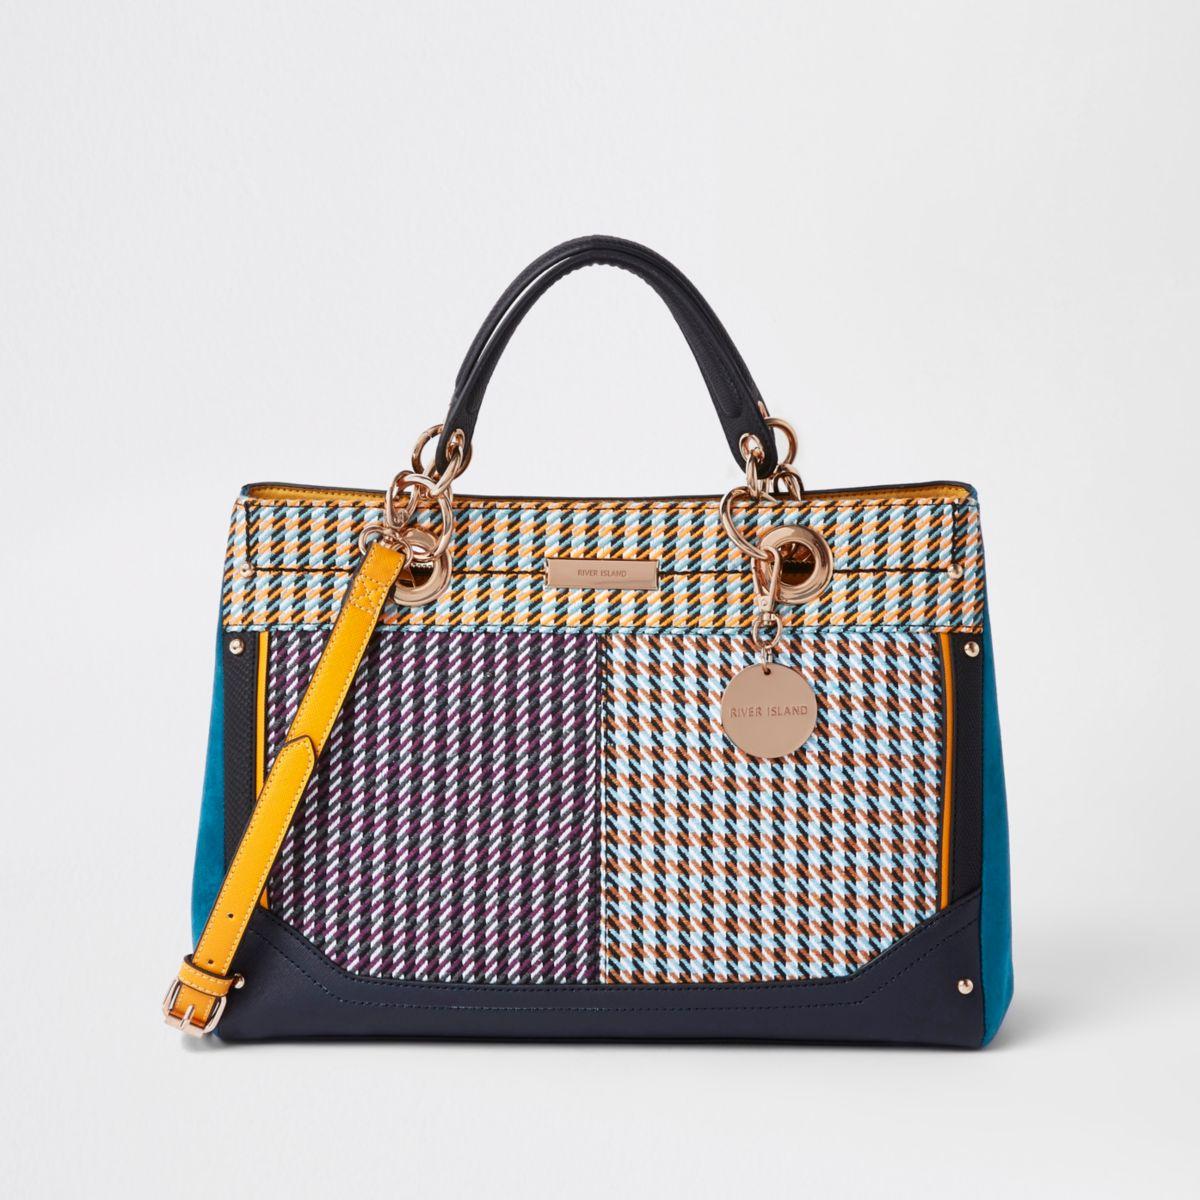 Purple check tote bag